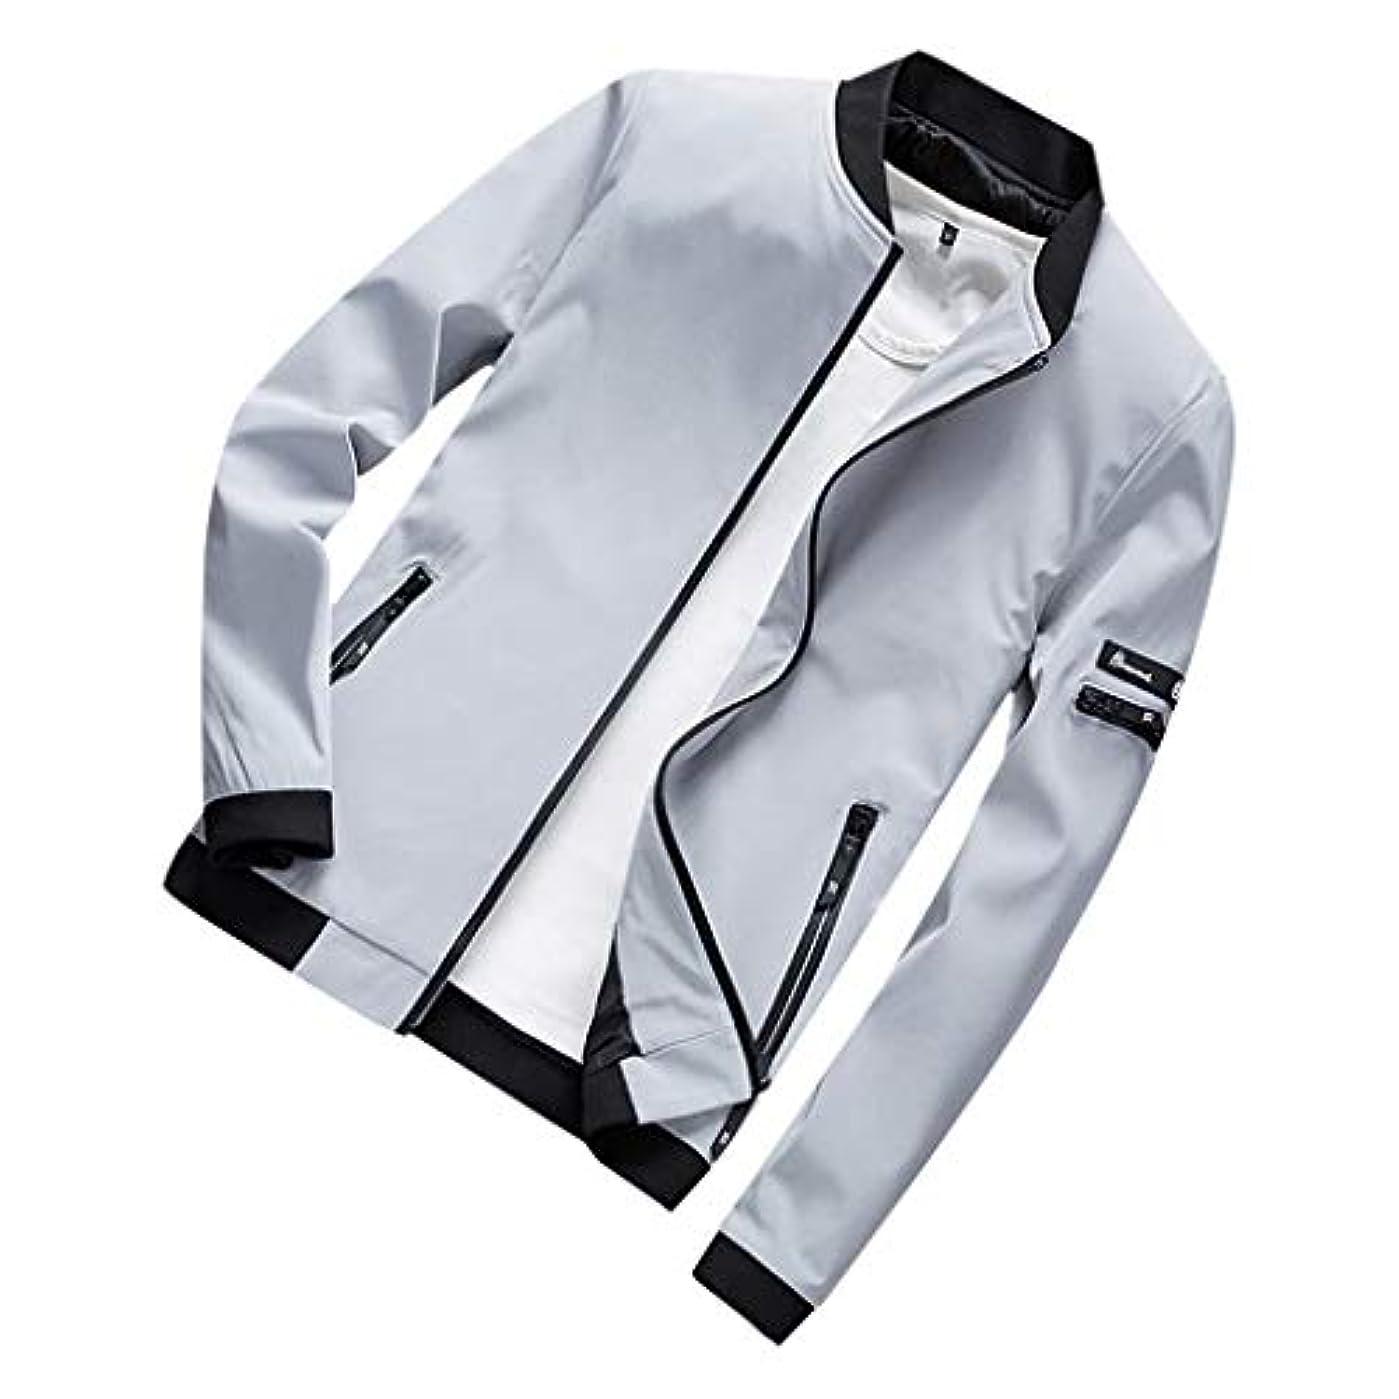 イサカしおれたごちそうジャケット メンズ コート ブルゾン 秋 冬 防水 無地 カジュアル 綿 大きいサイズ アウター 黒 ストレッチ ビジネスシャツ 細身 ジャケット